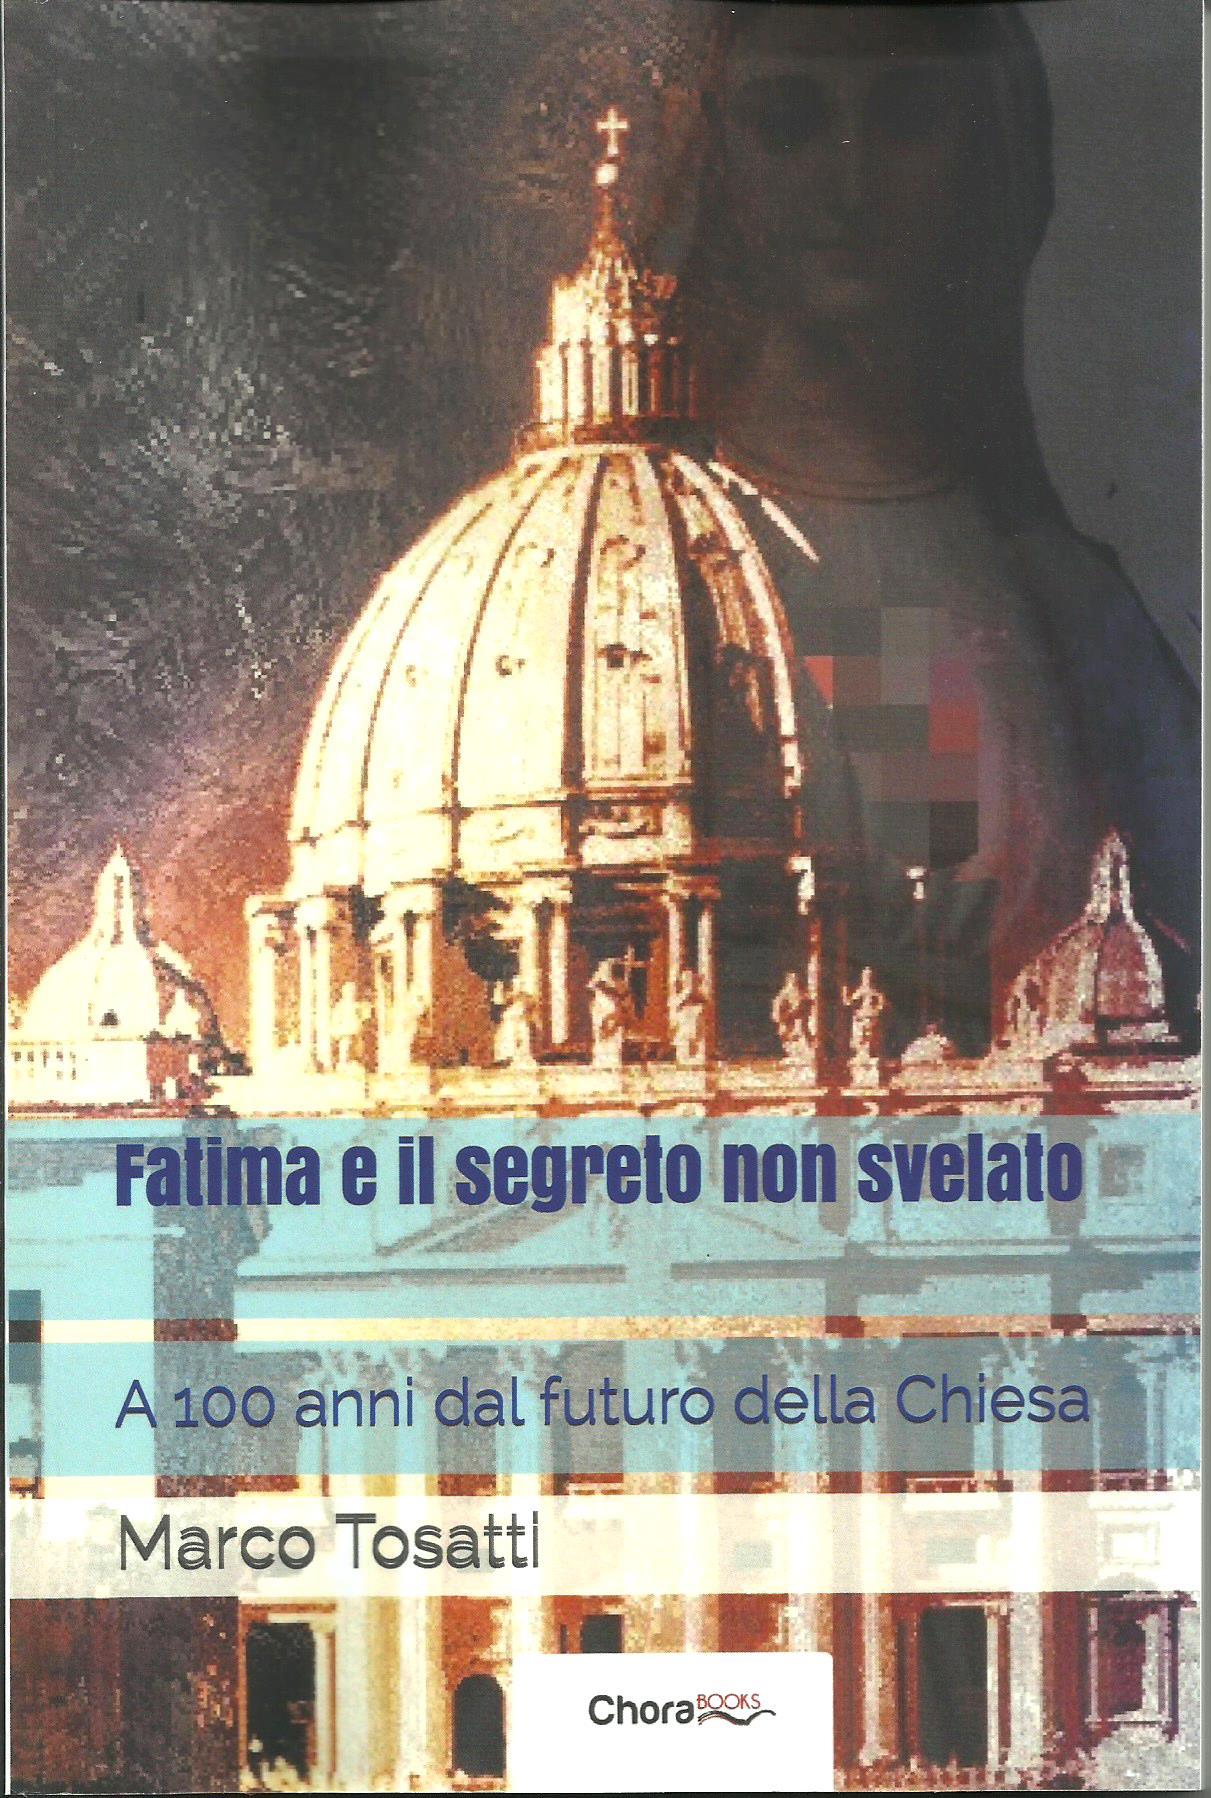 Fatima e il segreto non svelato. A 100 anni dal futuro della Chiesa